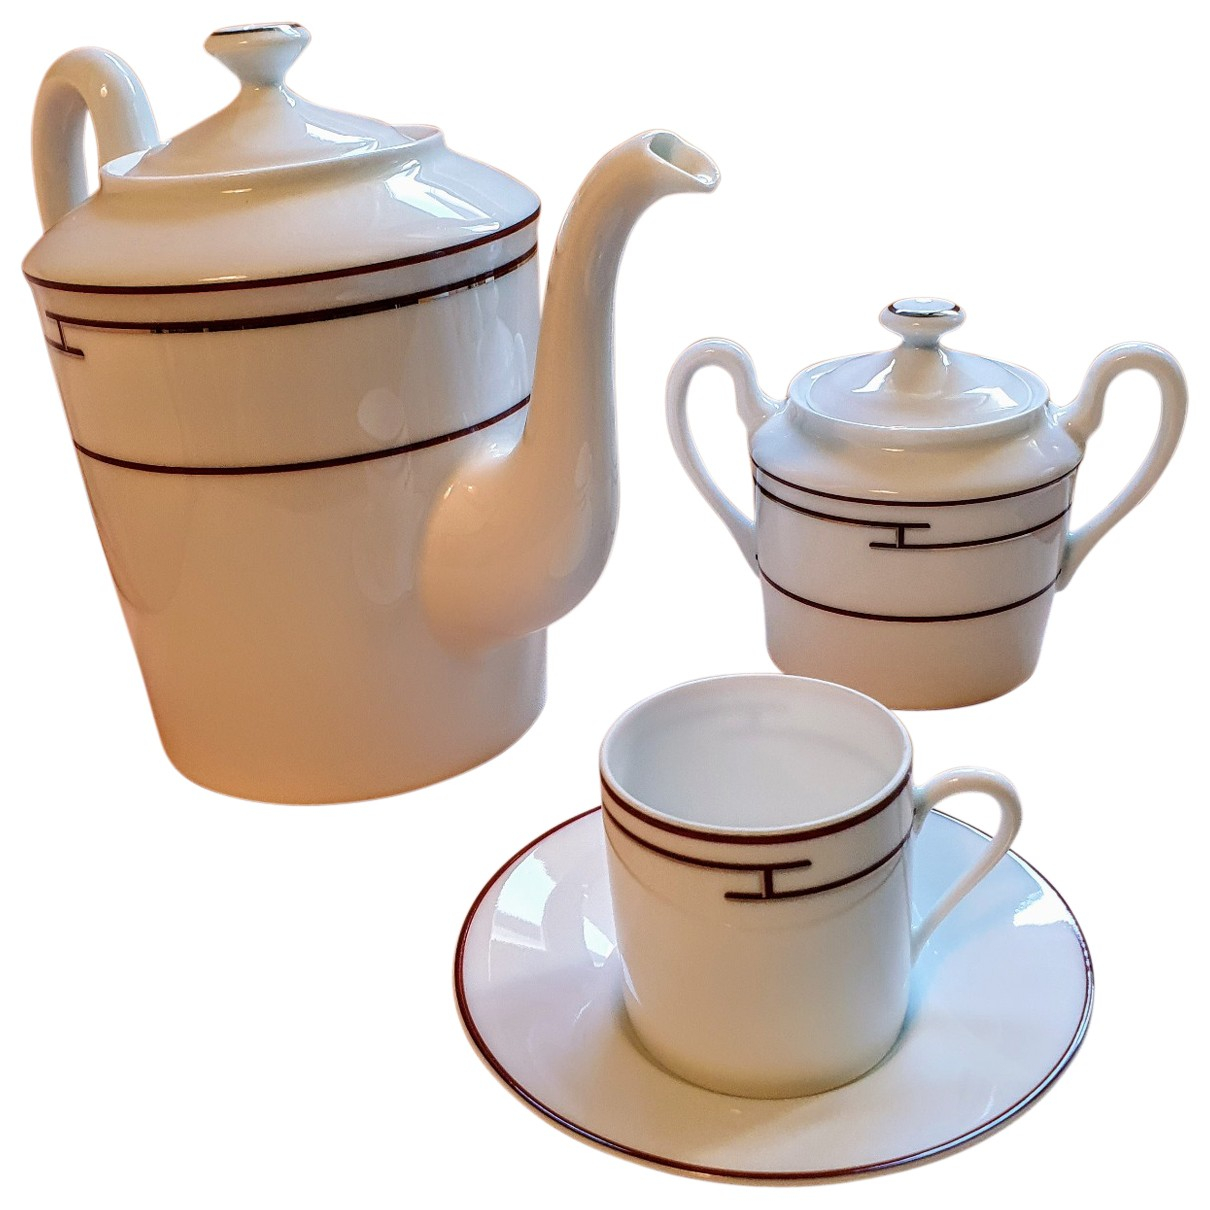 Hermes - Arts de la table Rythme pour lifestyle en porcelaine - blanc